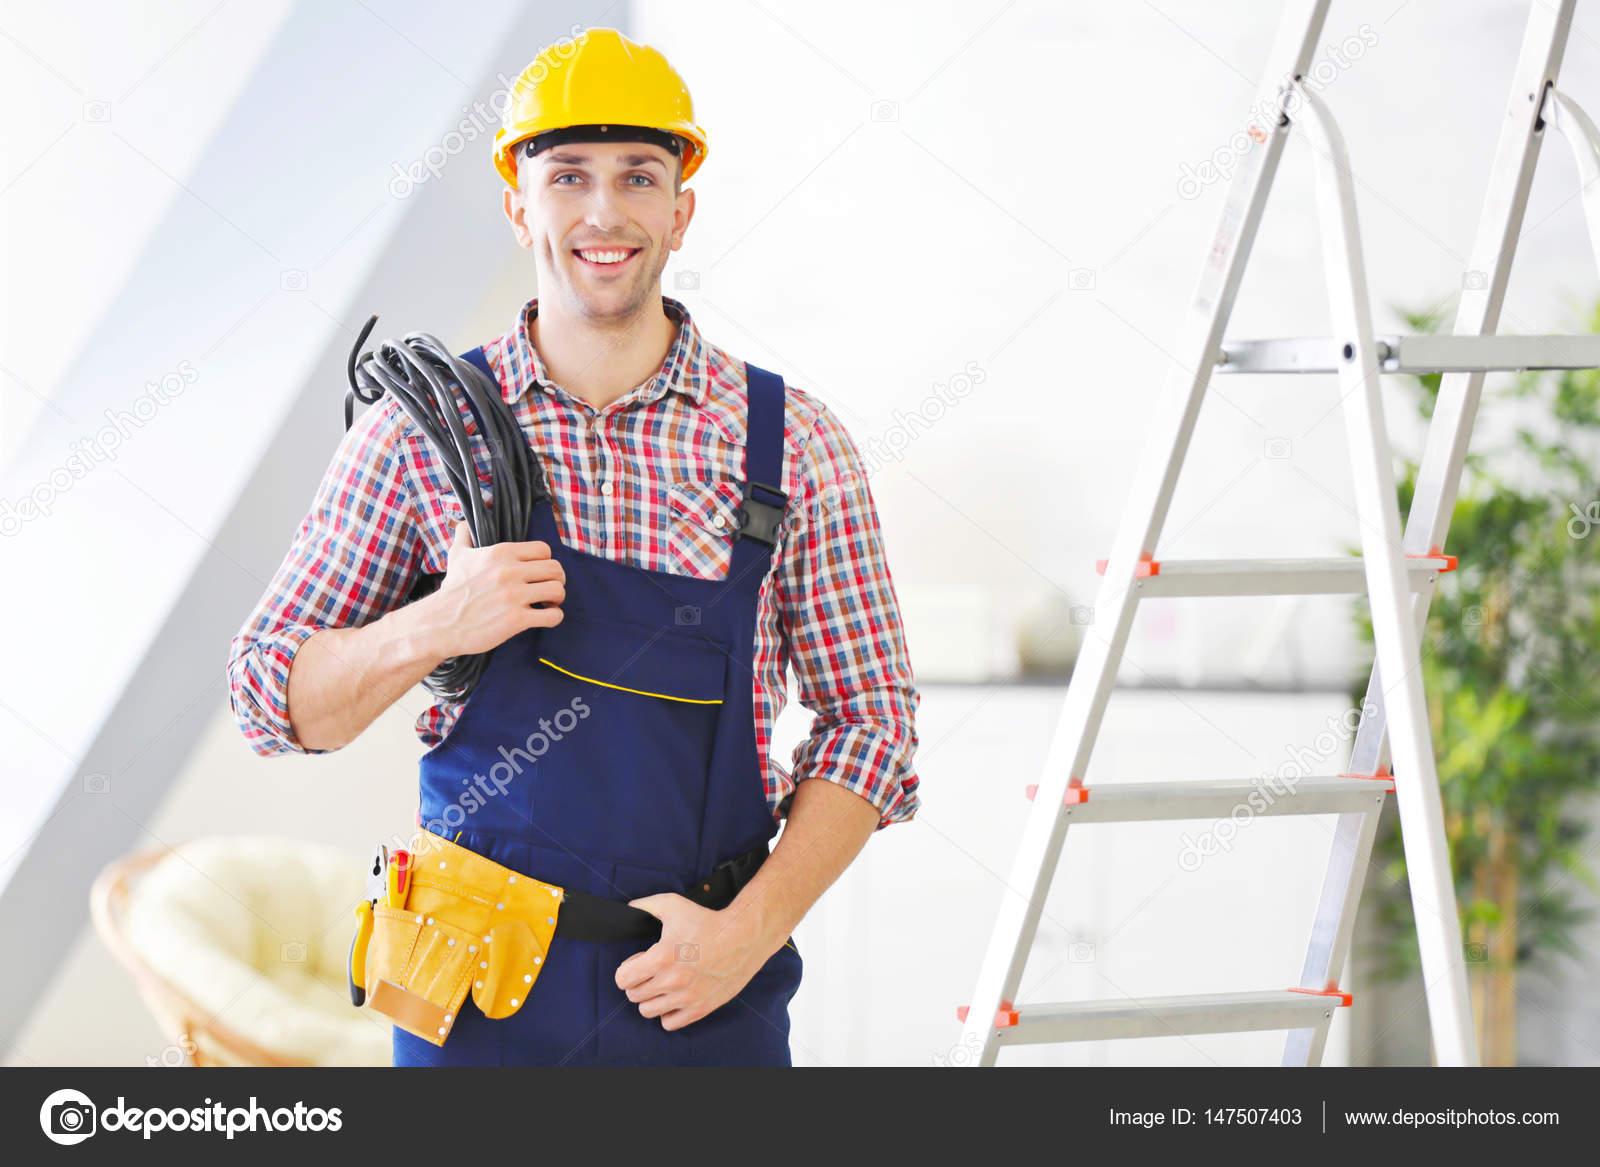 Elettricista in piedi vicino a sgabello u2014 foto stock © belchonock